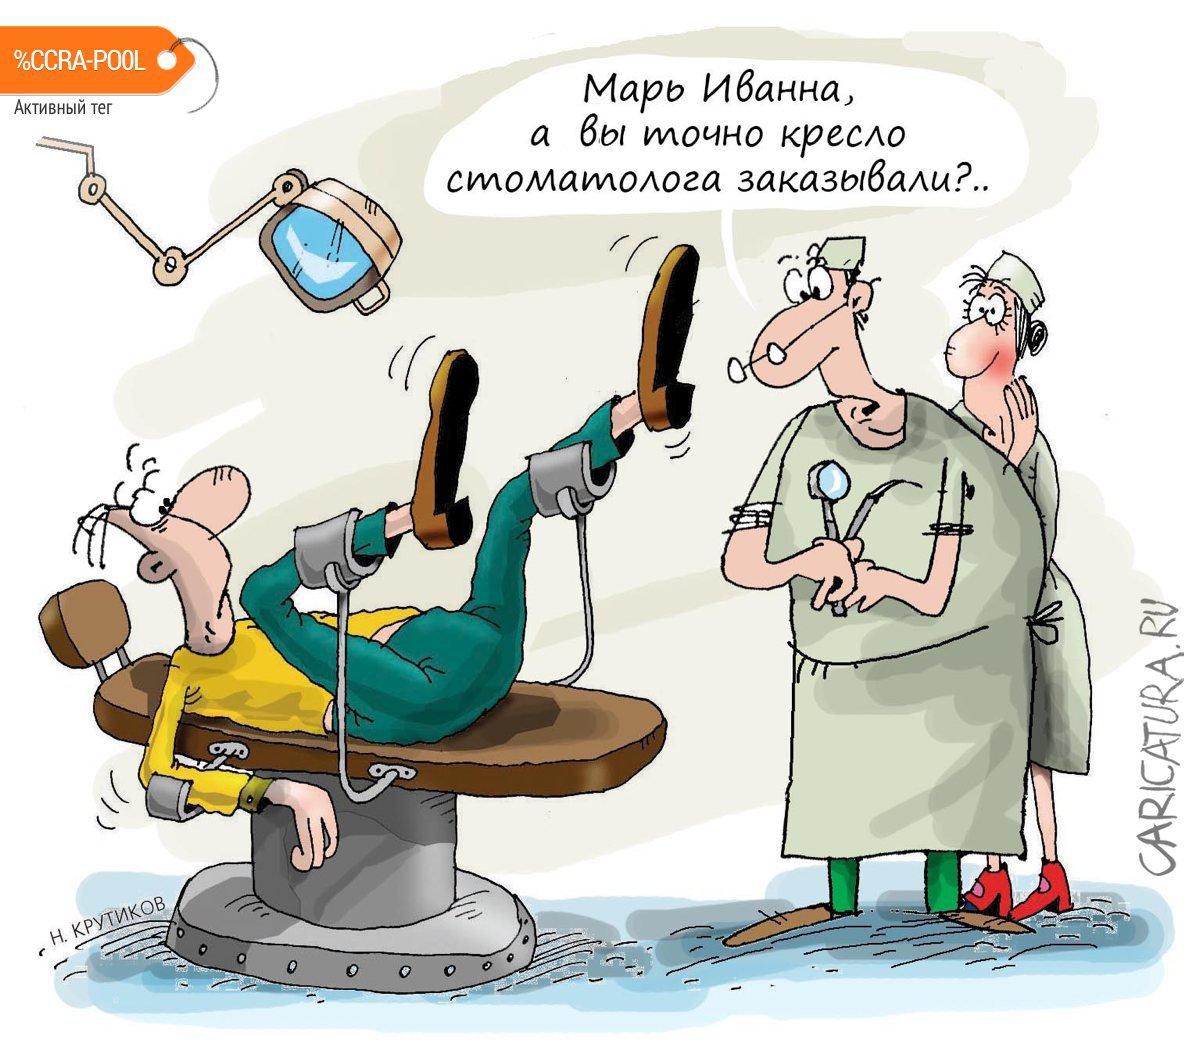 Работа медика прикольные картинки